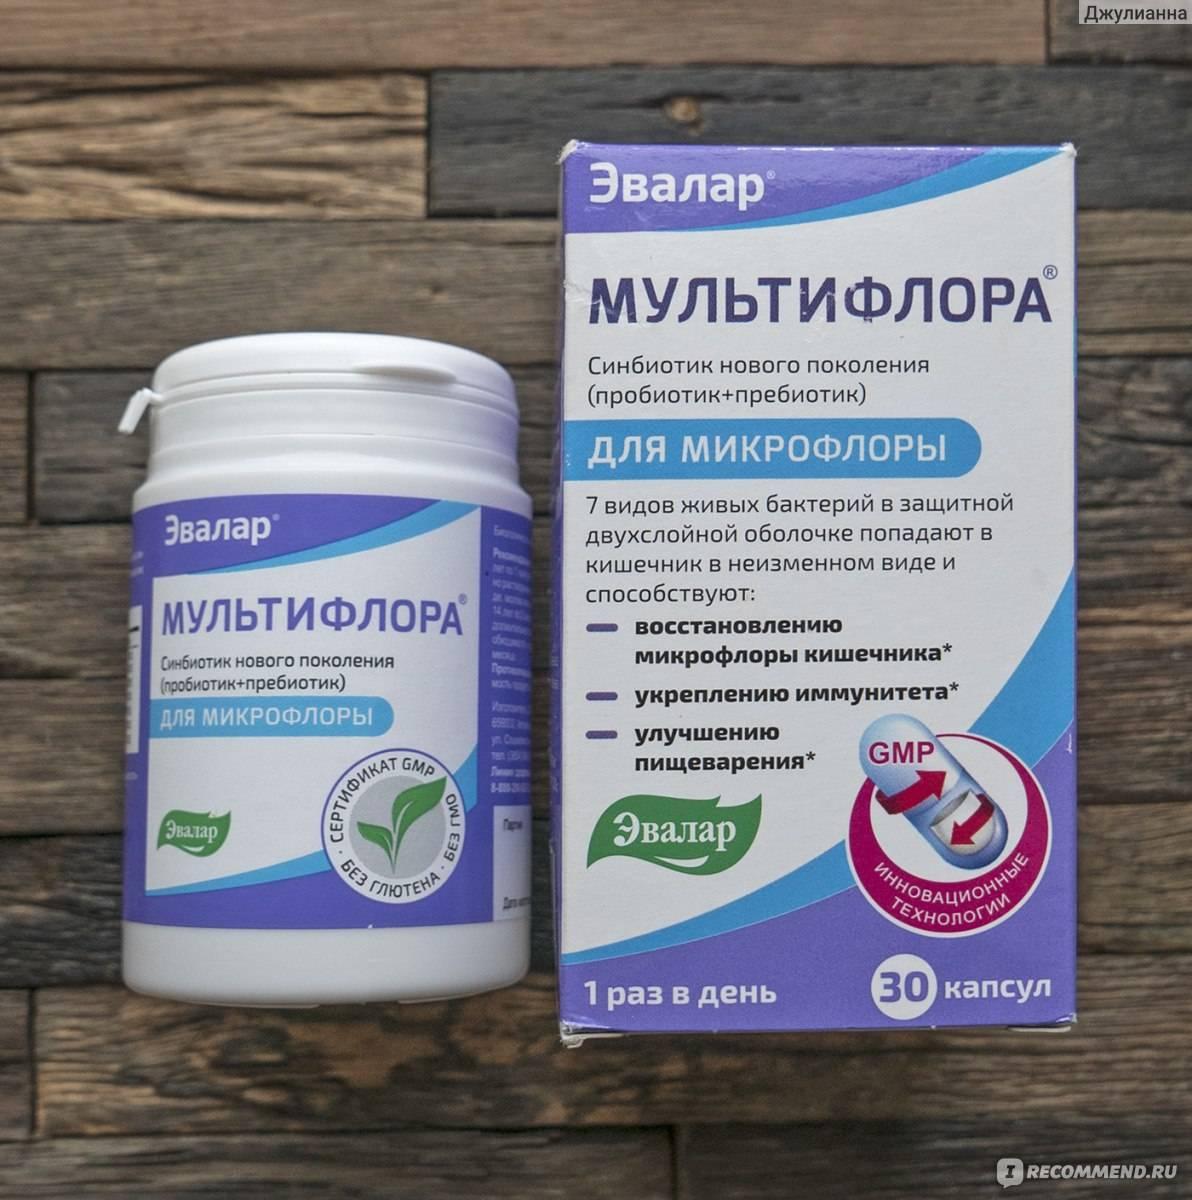 Что лечат пробиотики и зачем нужны пребиотики. пробиотики и пребиотики для восстановления микрофлоры кишечника - какие выбрать?